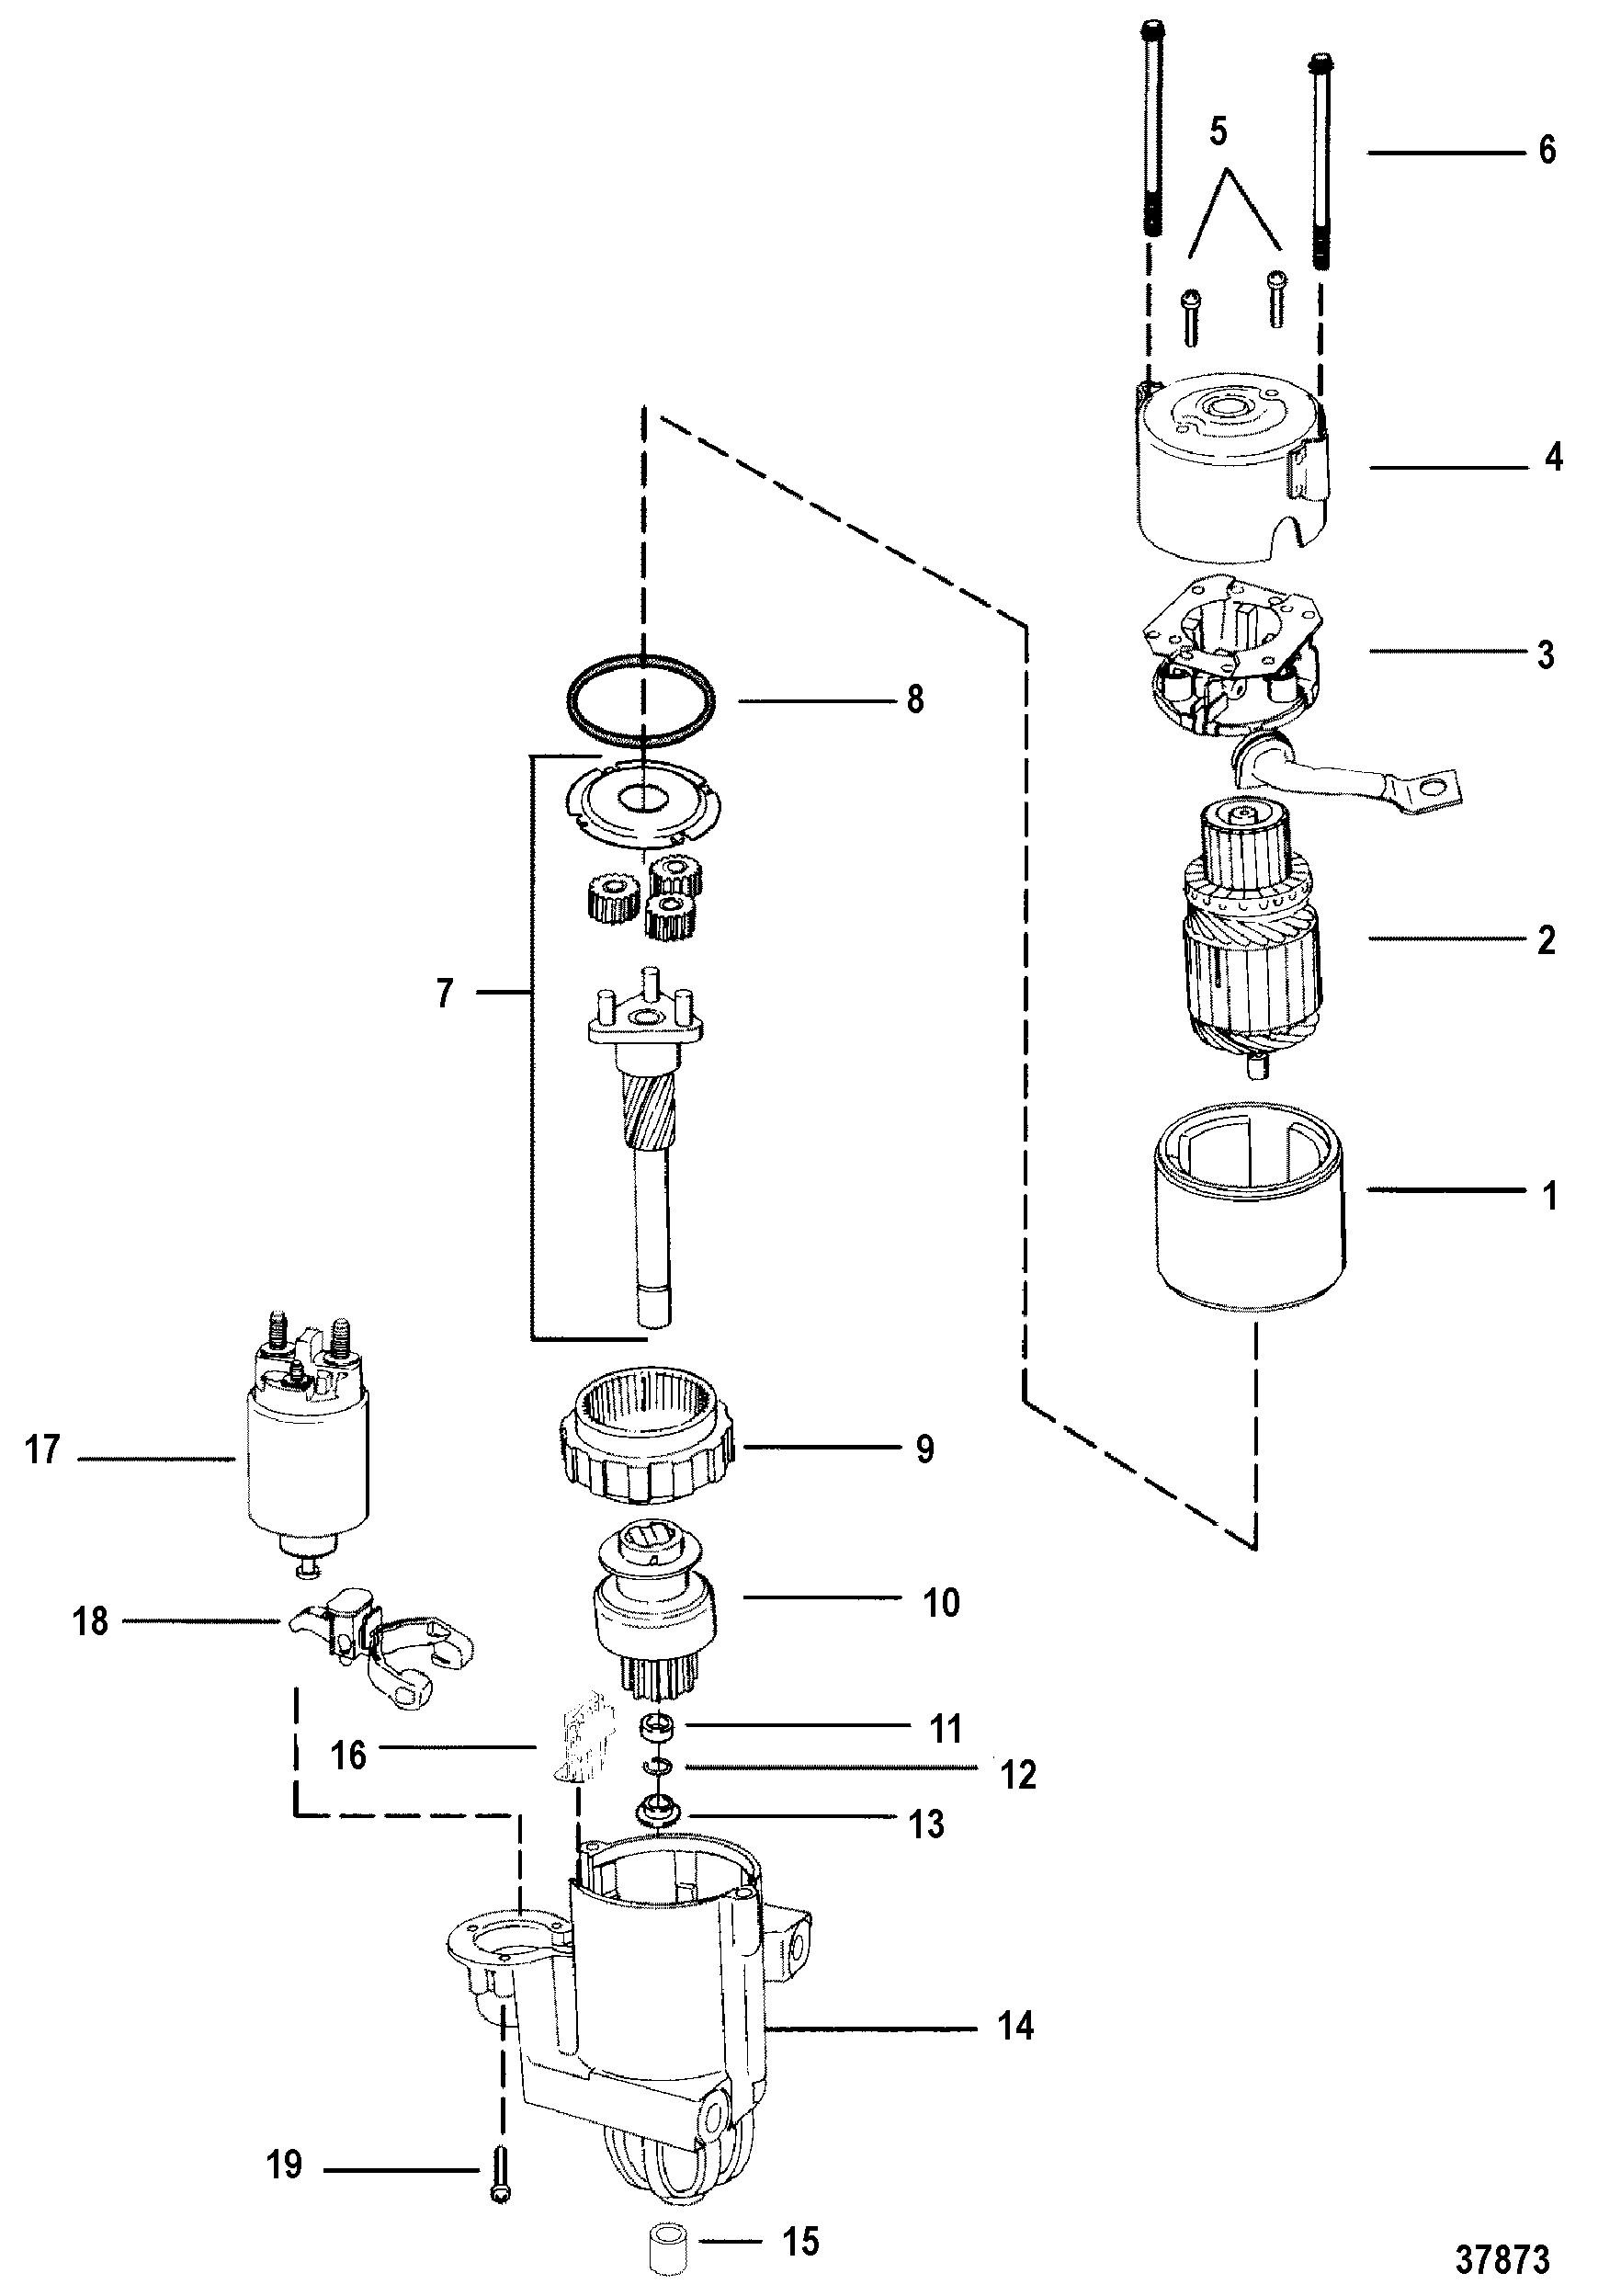 3 0 L Mercruiser Engine Diagram Starter Motor for Mercruiser 7 4l Bravo I Ii Iii Engine Of 3 0 L Mercruiser Engine Diagram